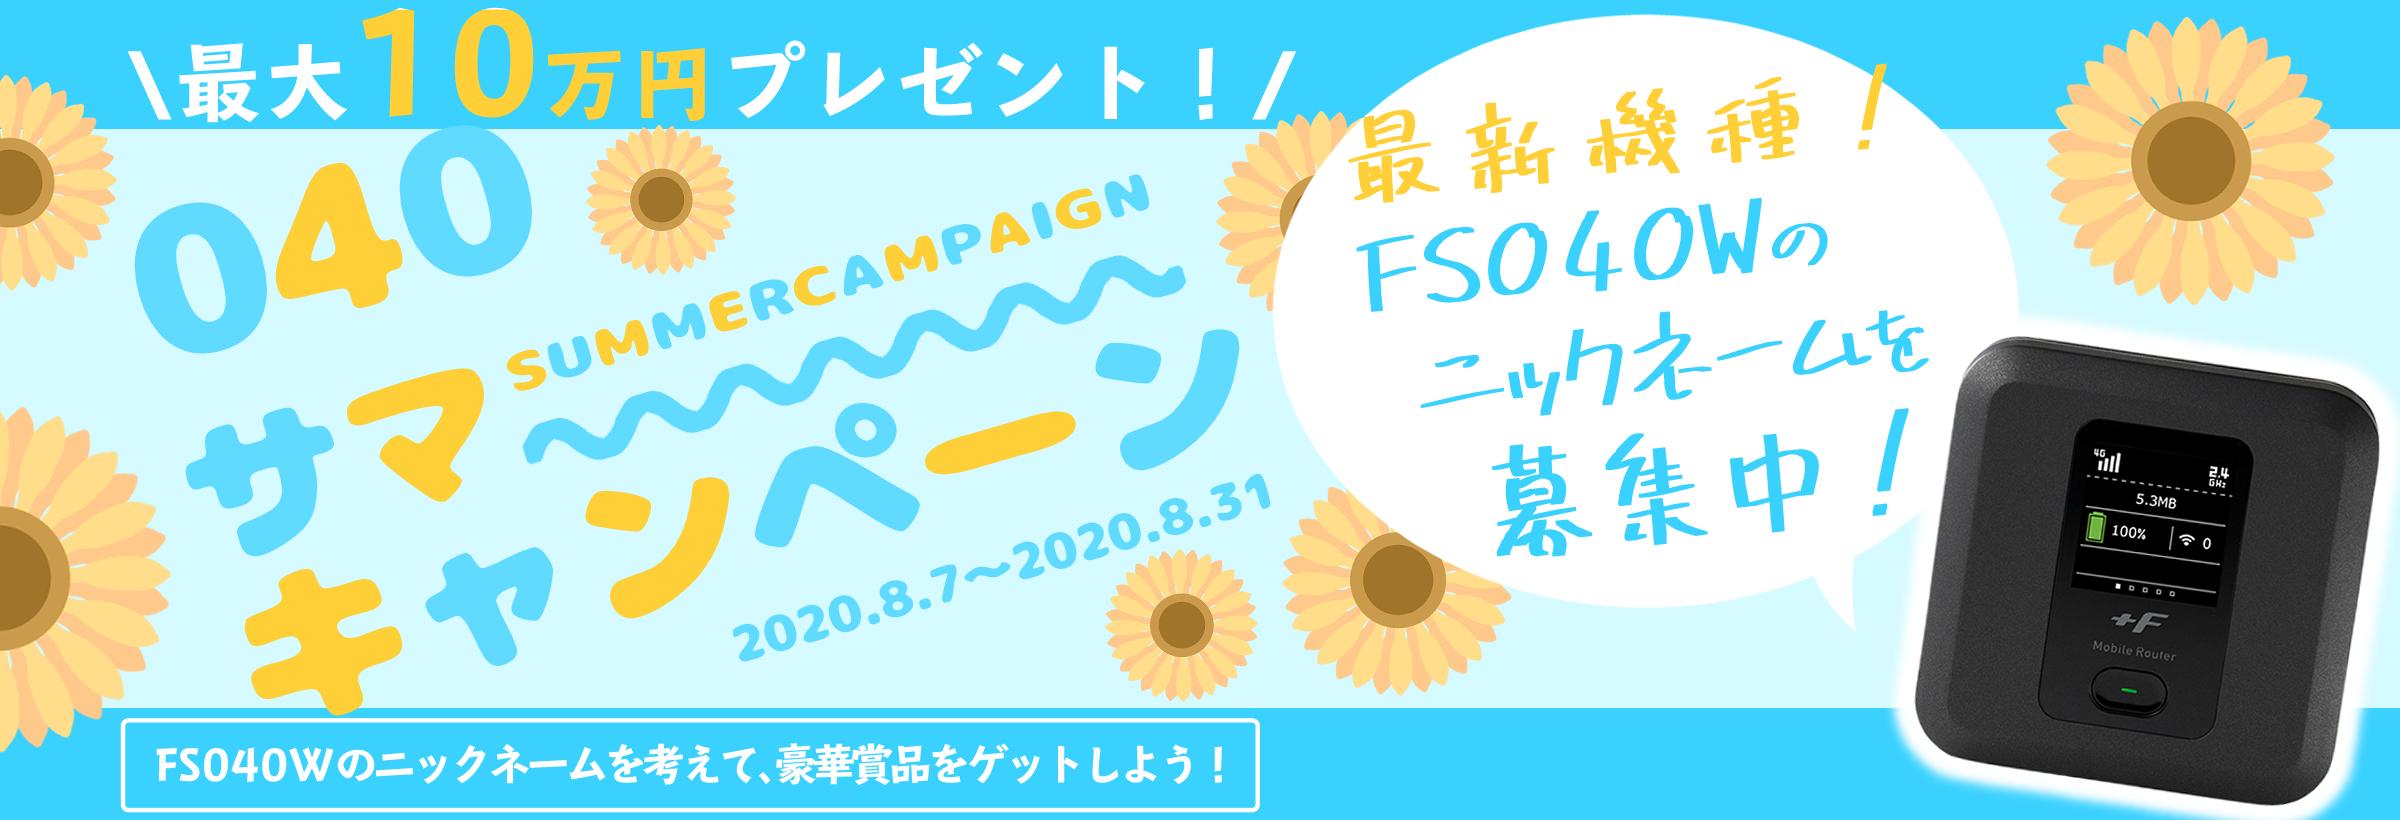 FS040名前募集キャンペーン